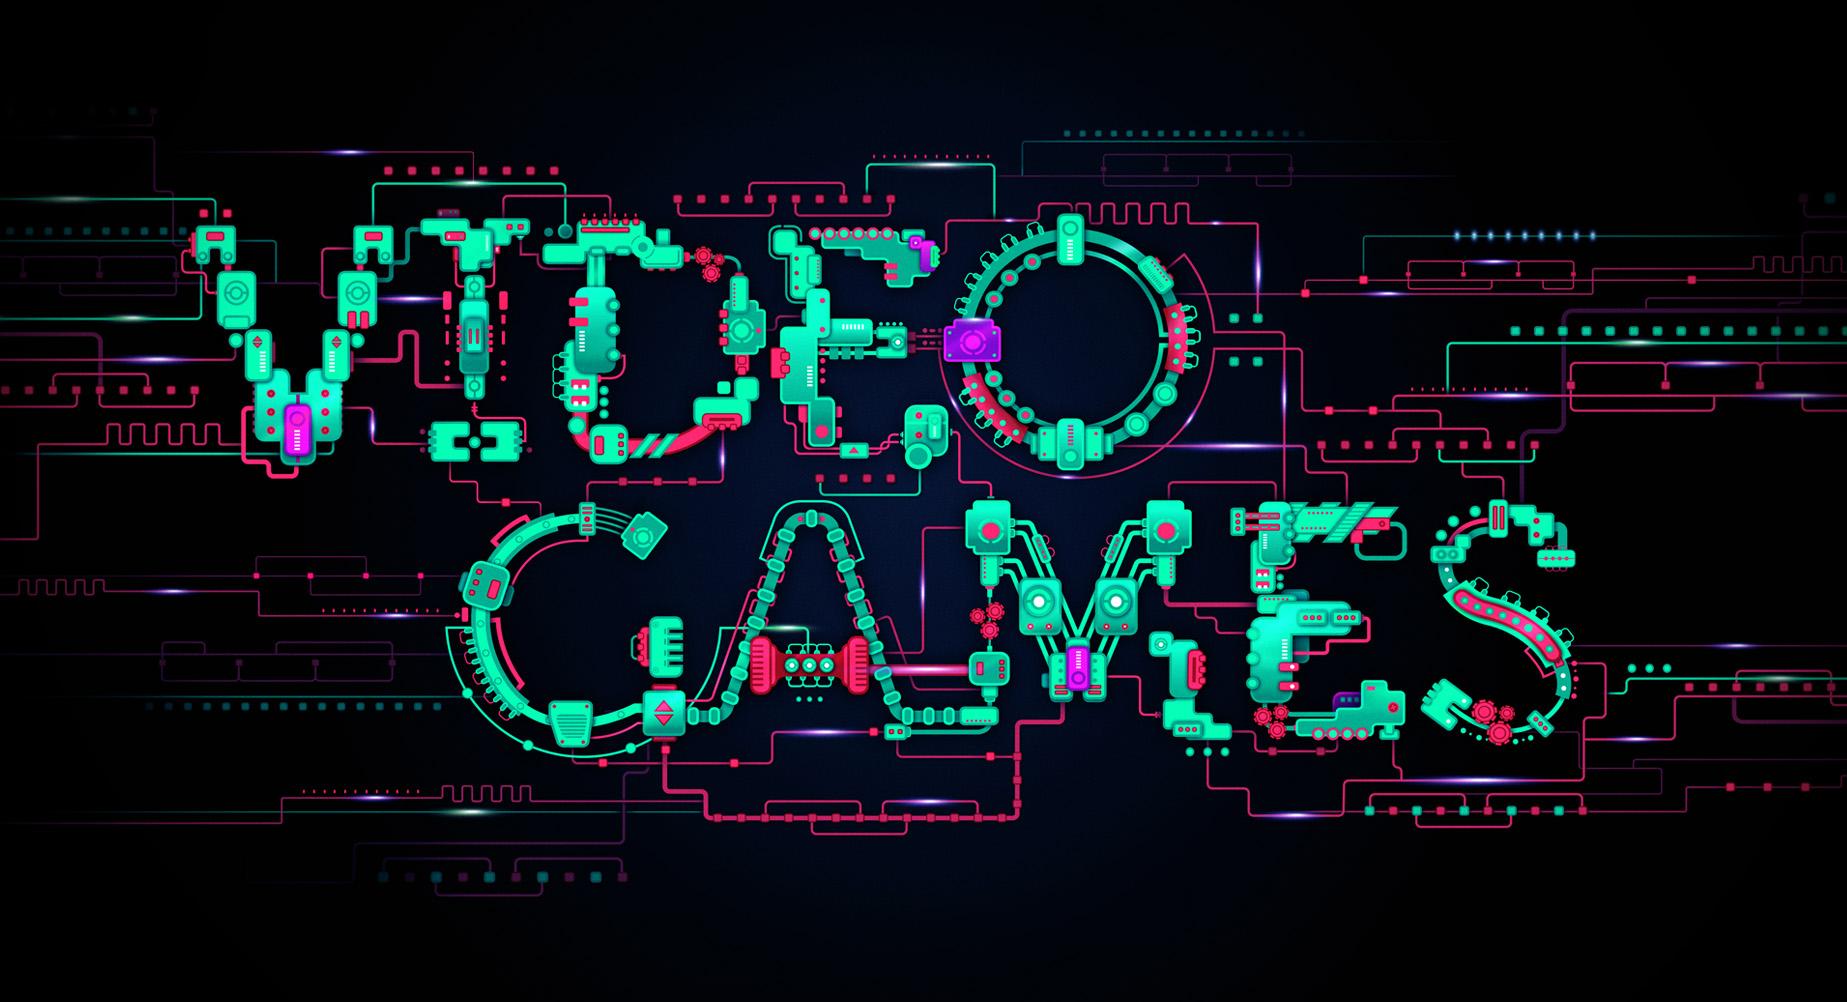 Γιατί οι εξαγορές εταιρειών videogames έφτασαν τα $12,5 δισ.